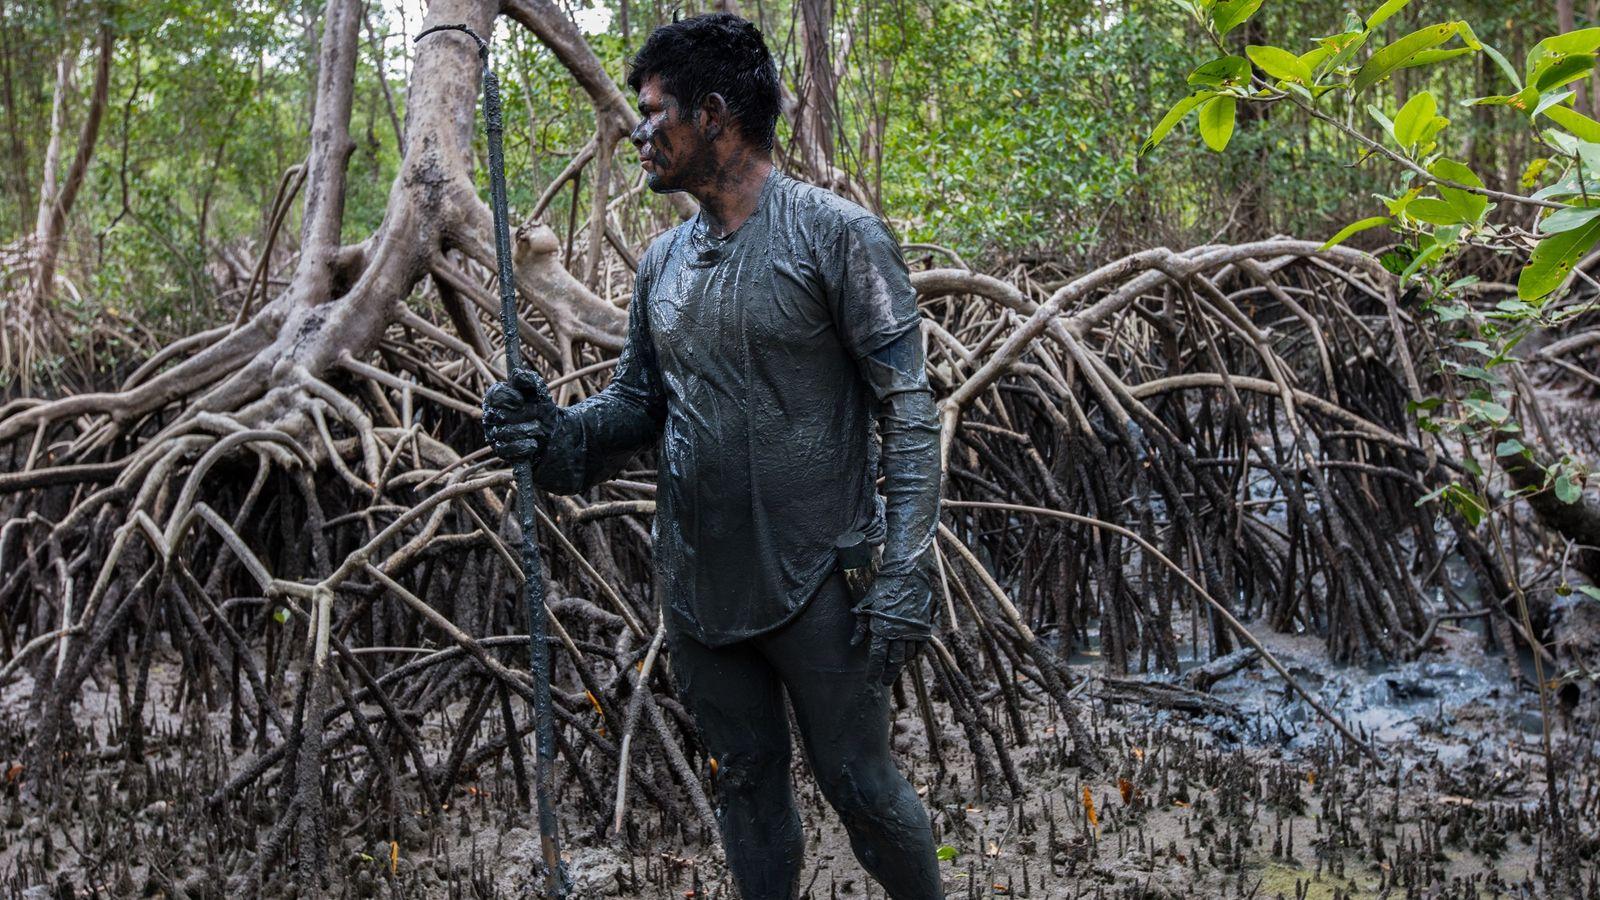 juraci Nascimento, pescador de caranguejo da comunidade do Treme, Resex Caeté-Taperacu.